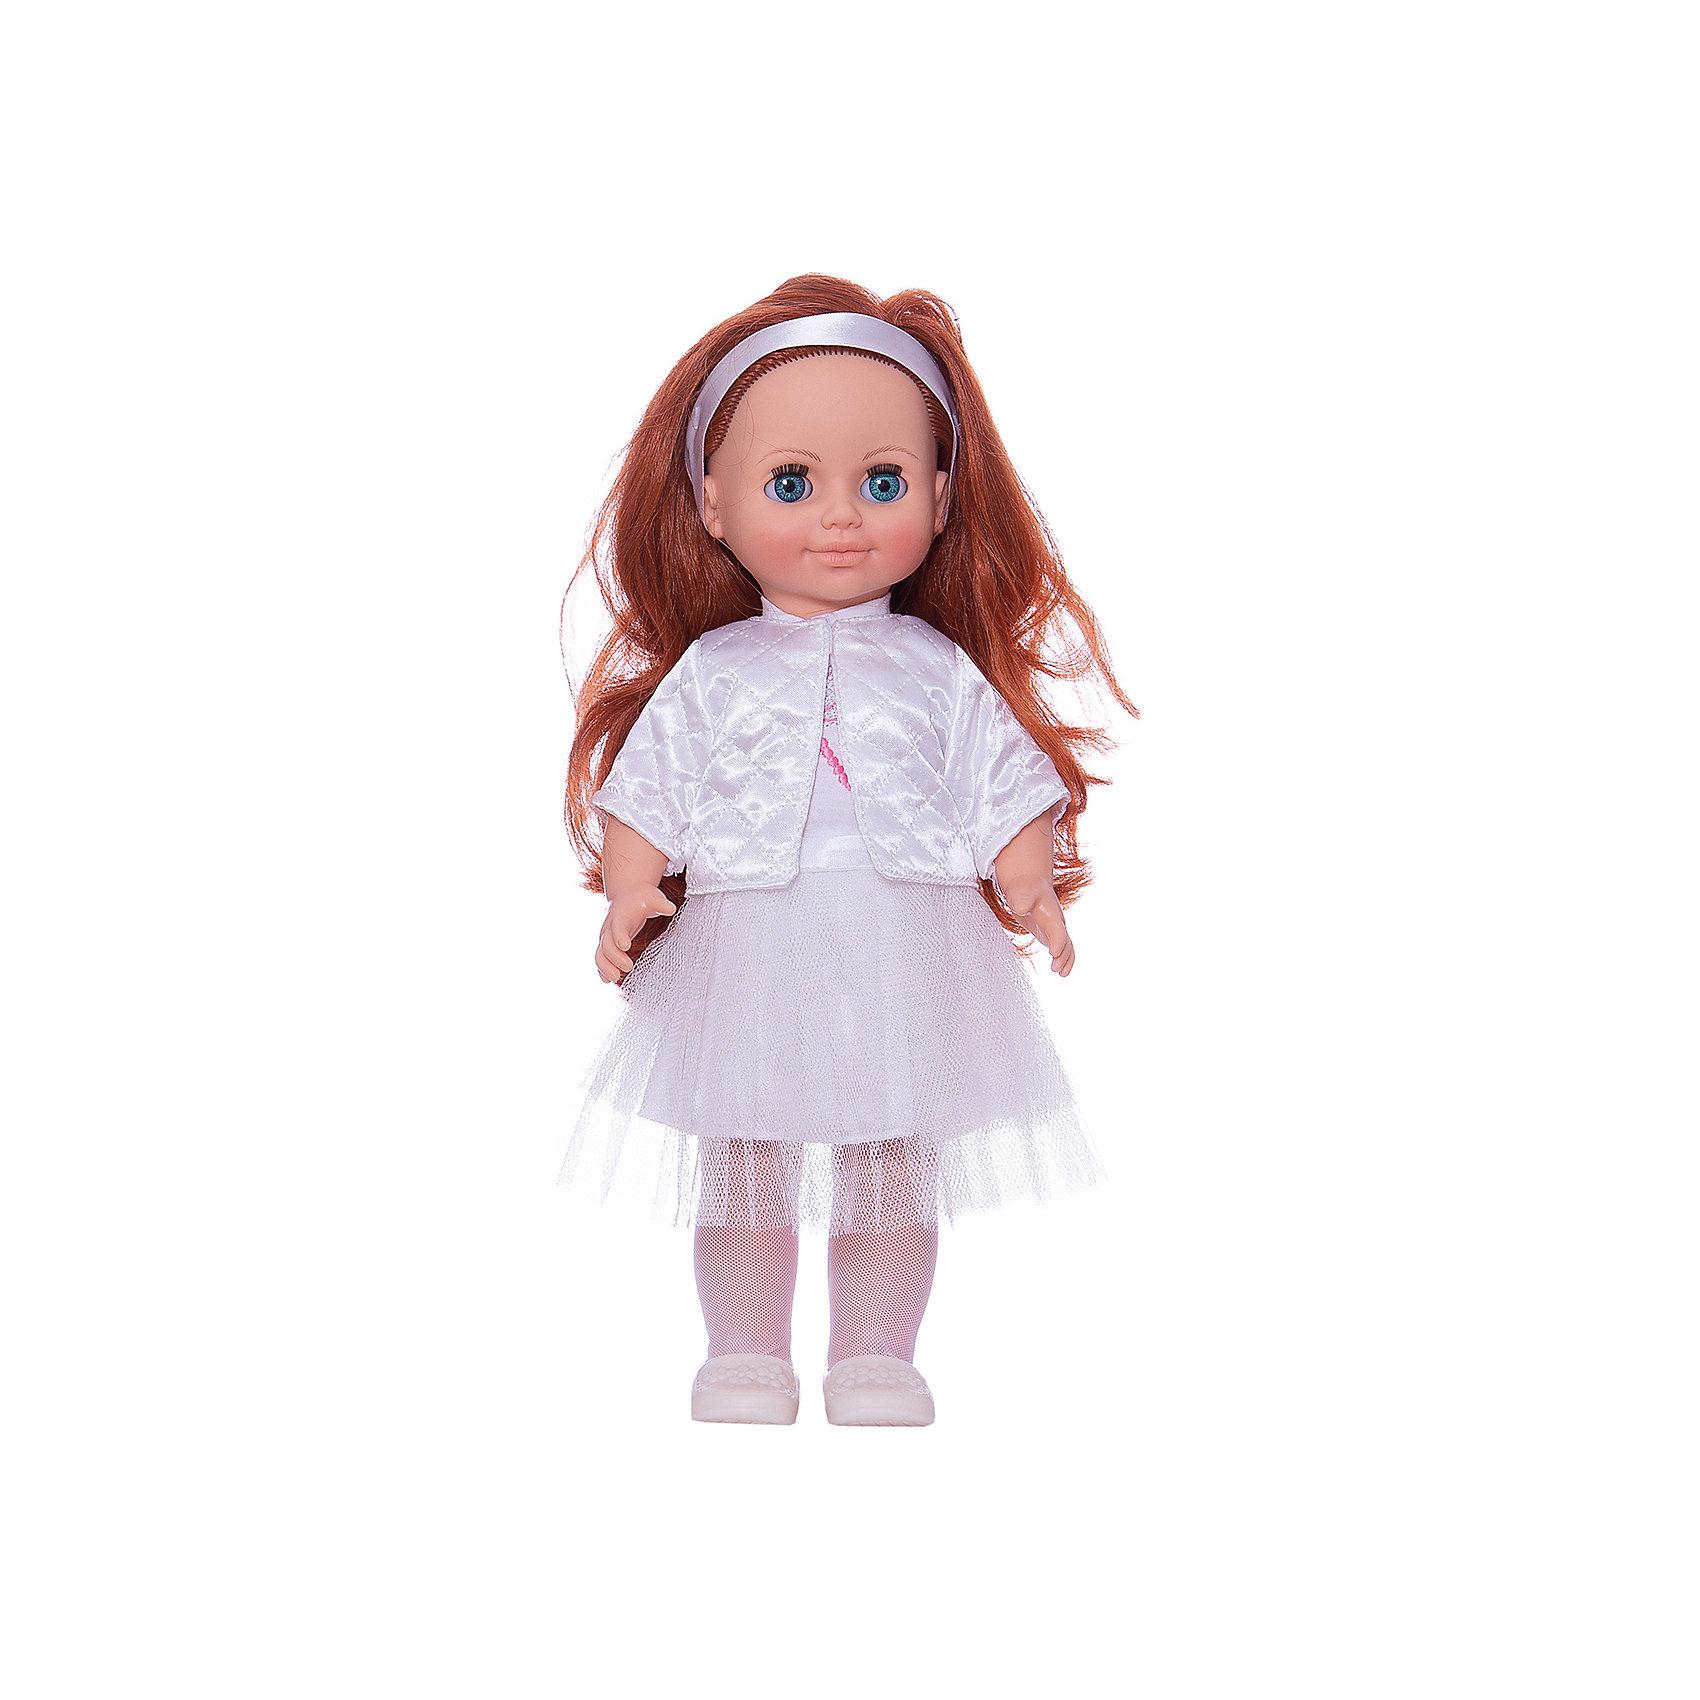 Весна Кукла Анна 7, со звуком, Весна весна милана 5 со звуком в2203 о